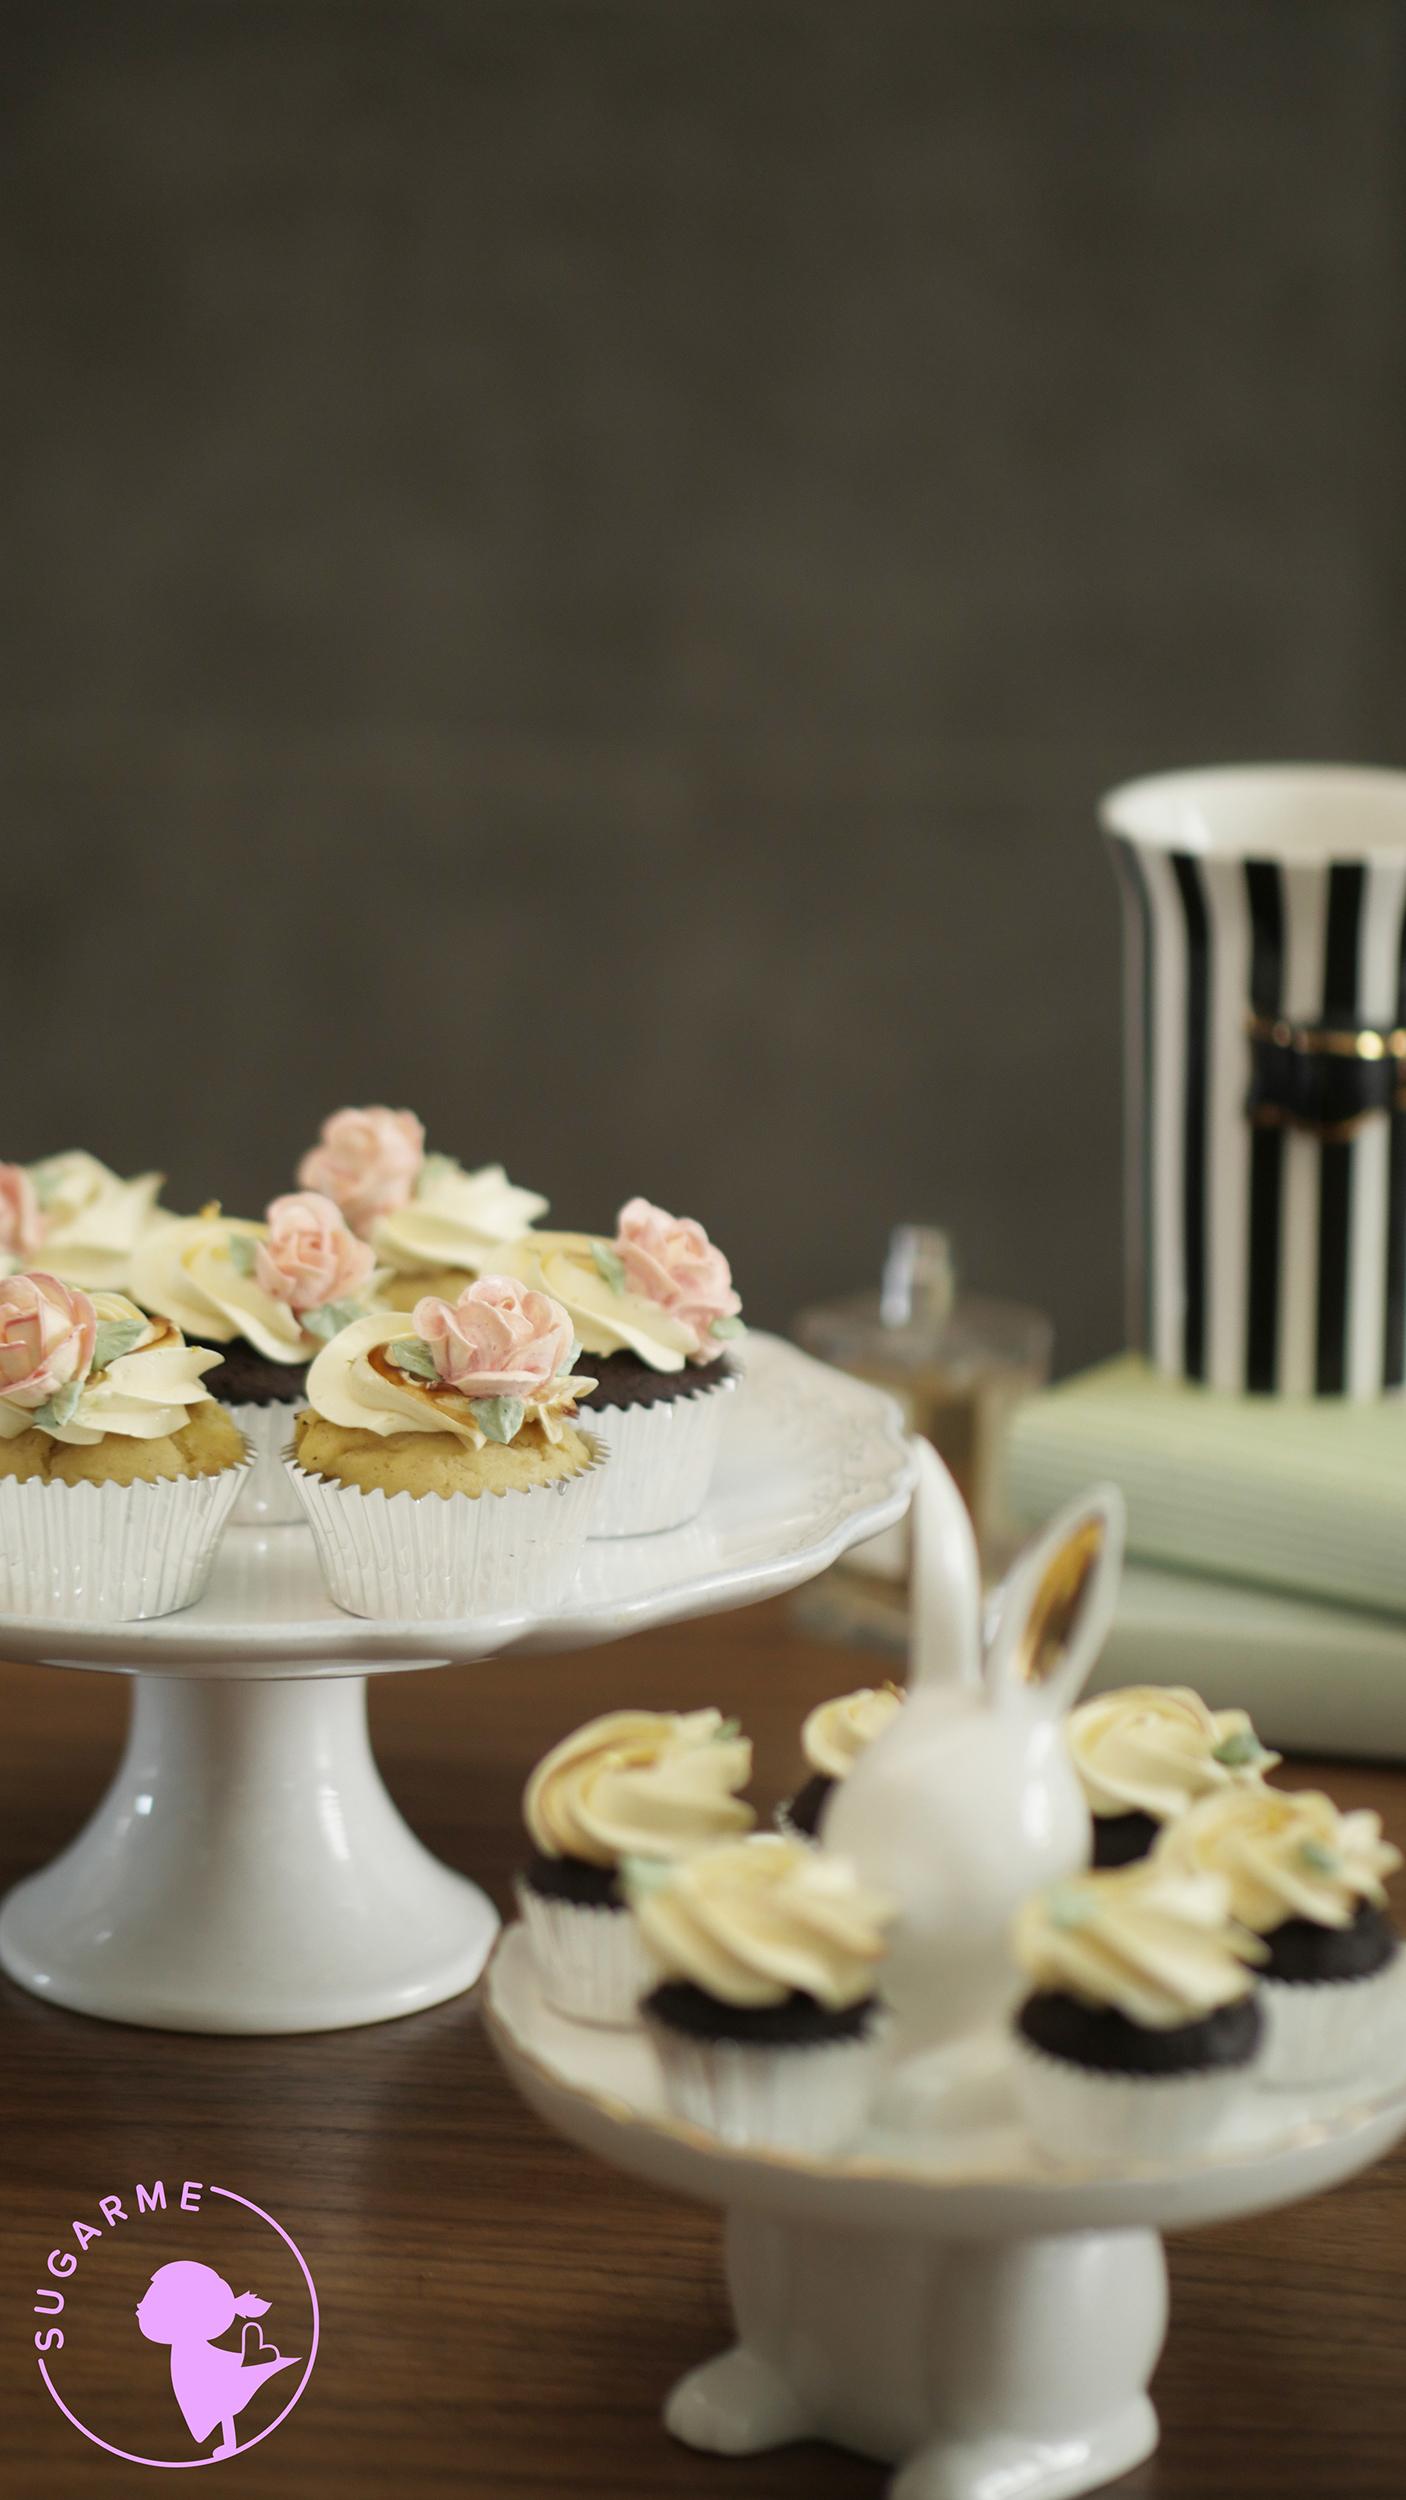 cupcakes_cream